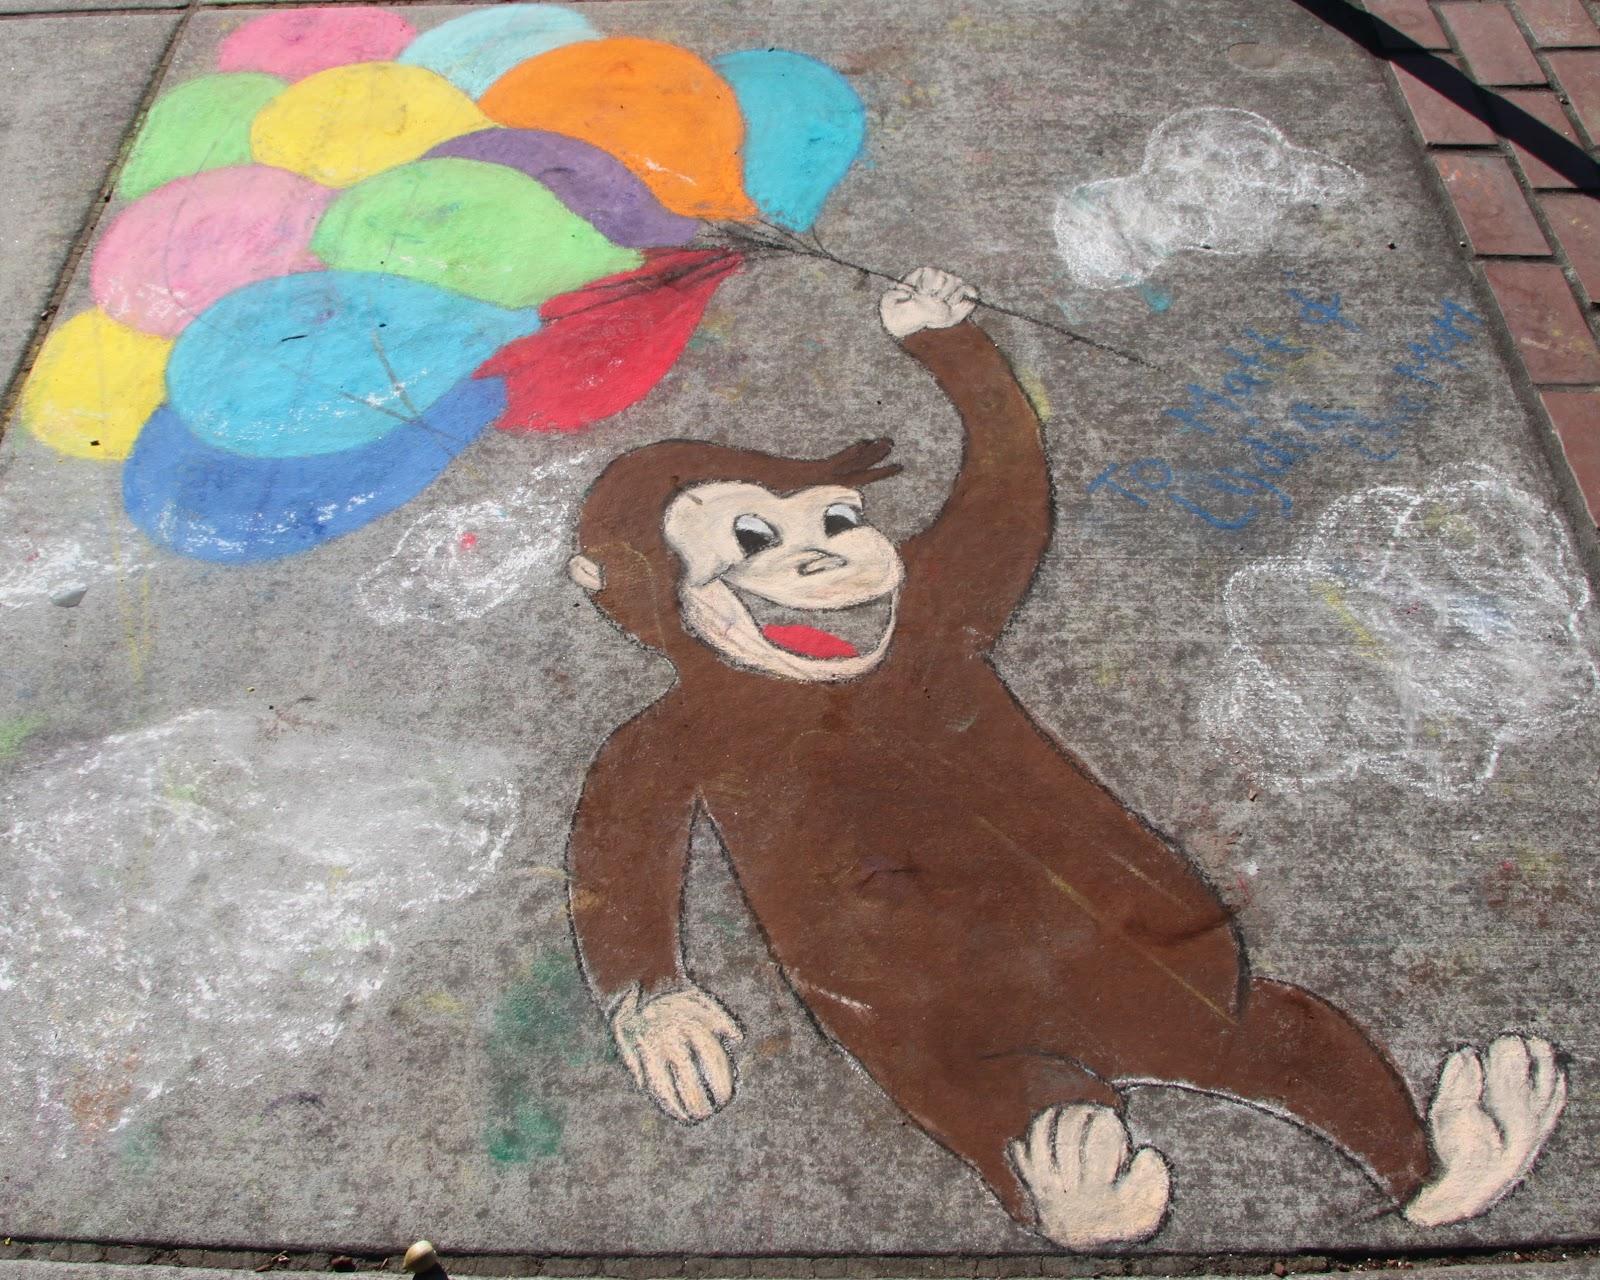 Was This Really A Sharp Idea Sidewalk Chalk Art Festival